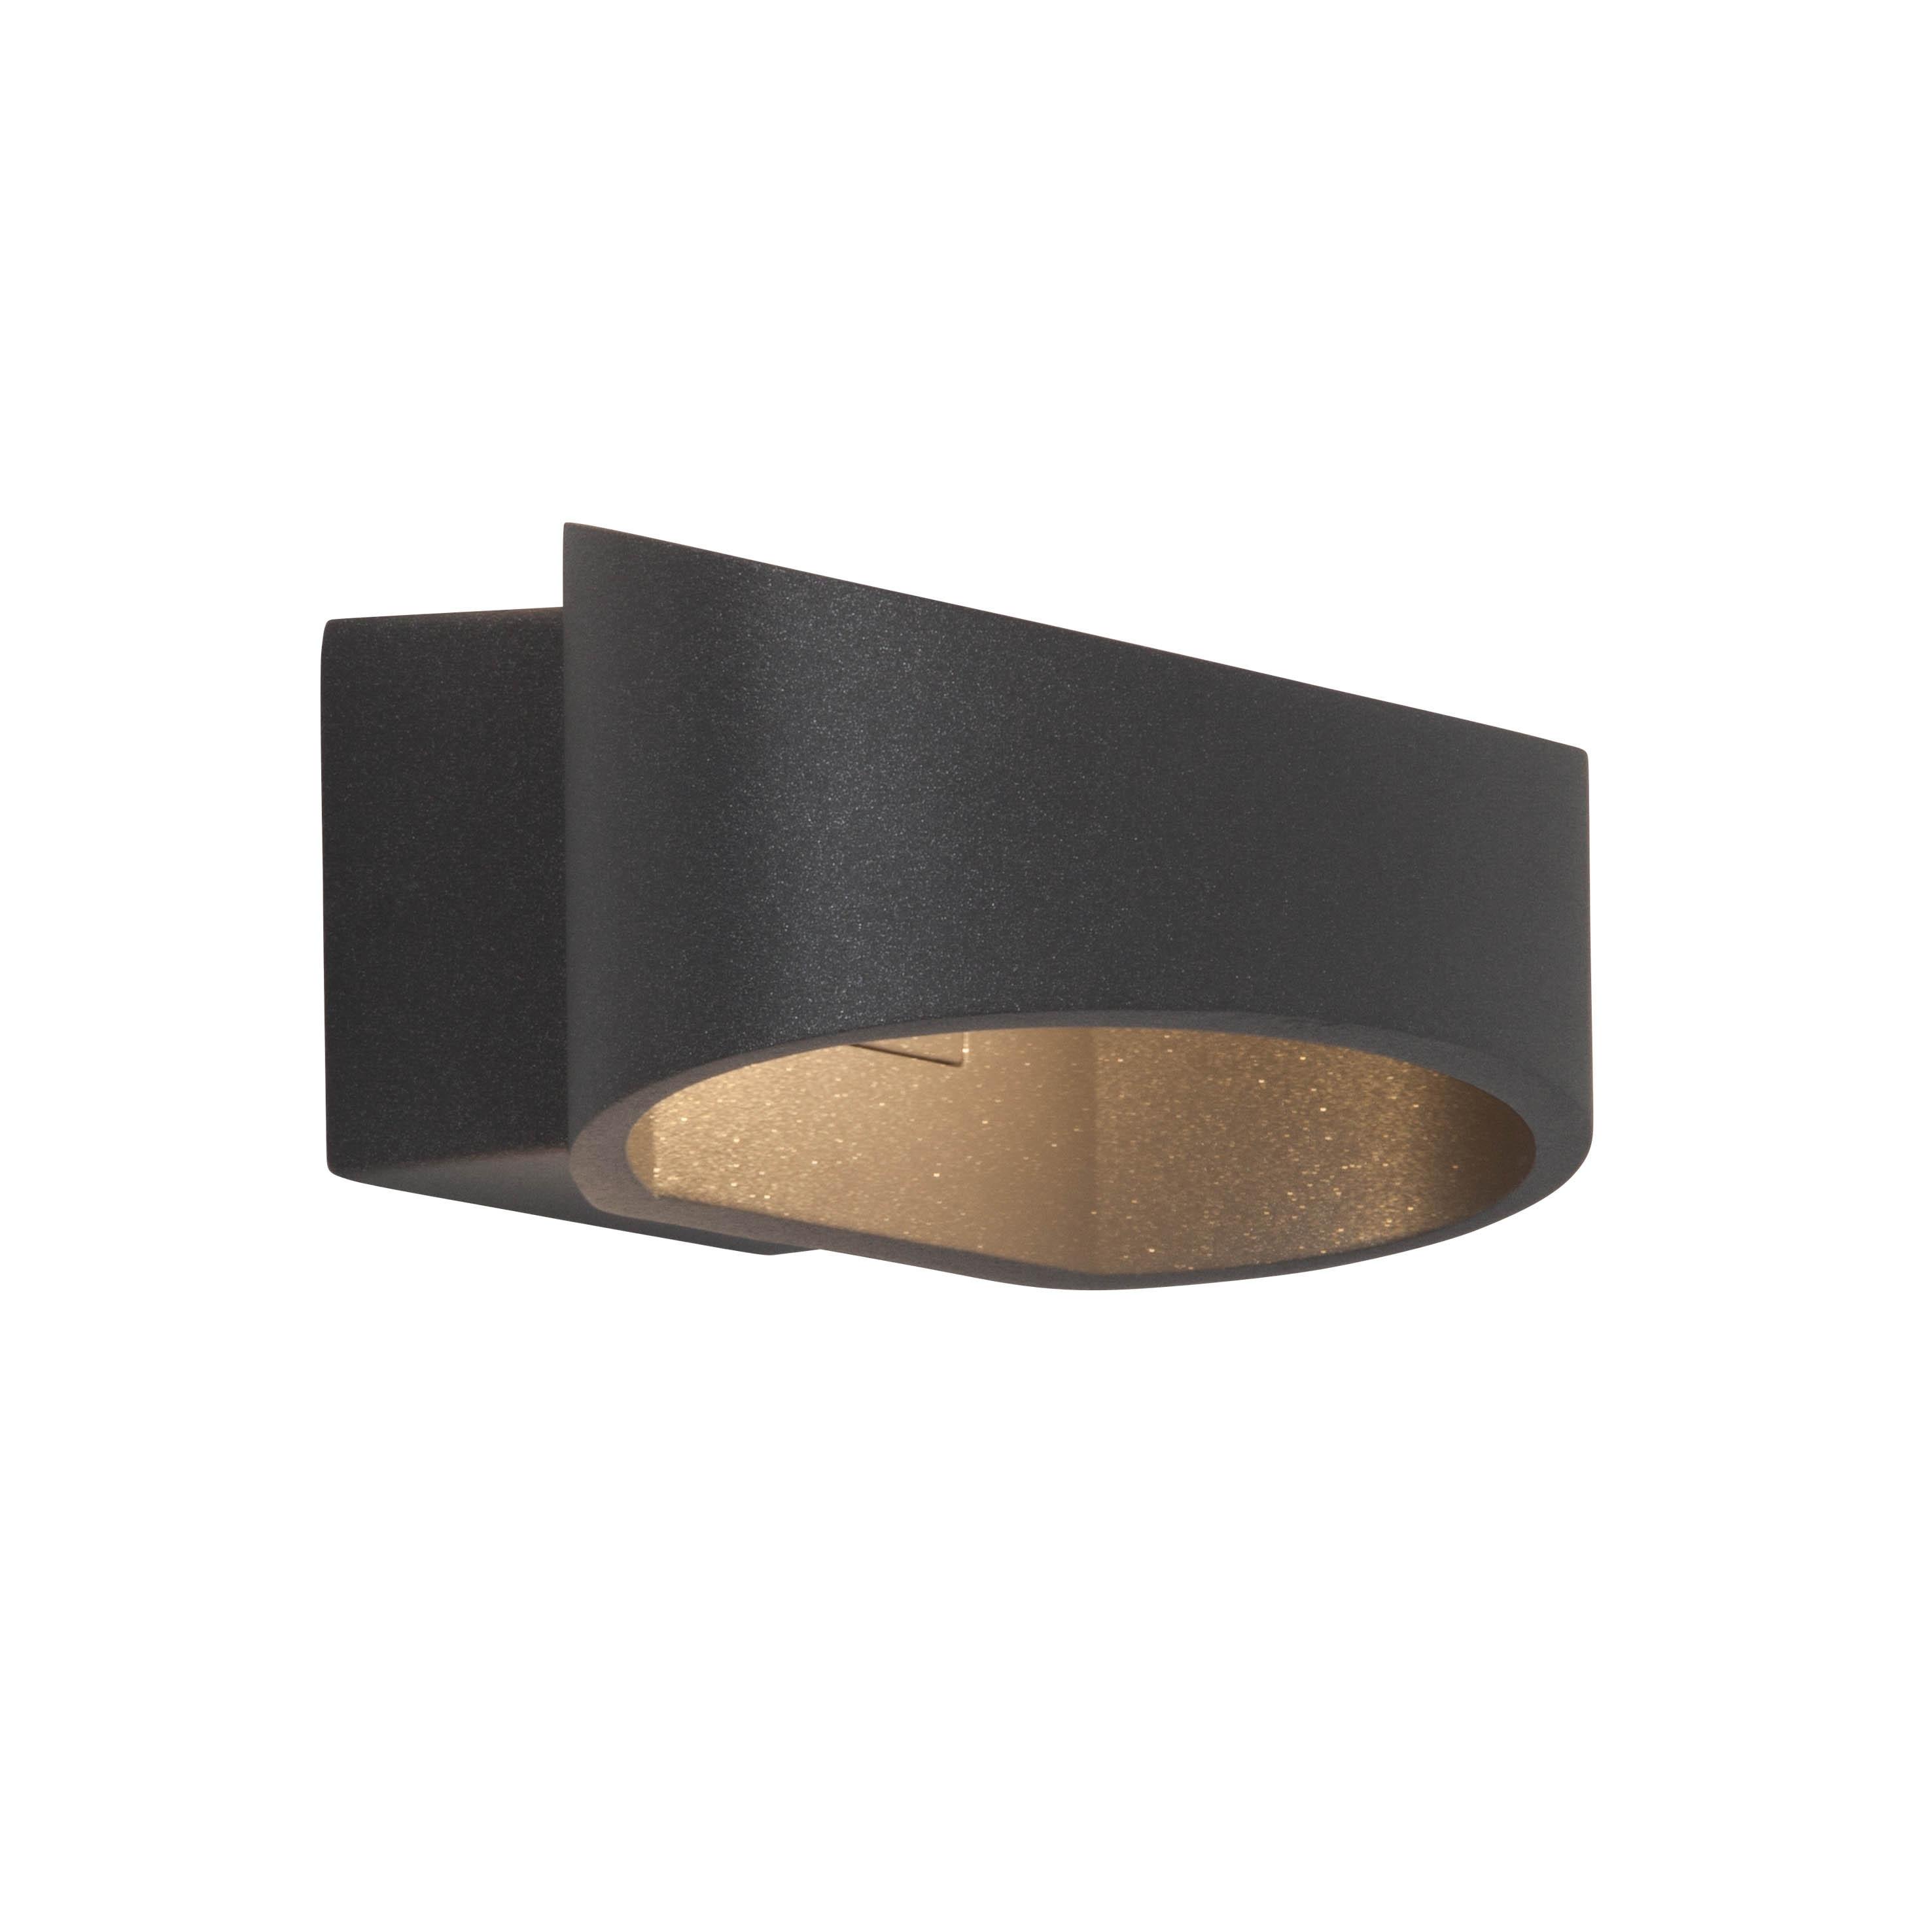 AEG Sunrise LED Außenwandleuchte anthrazit